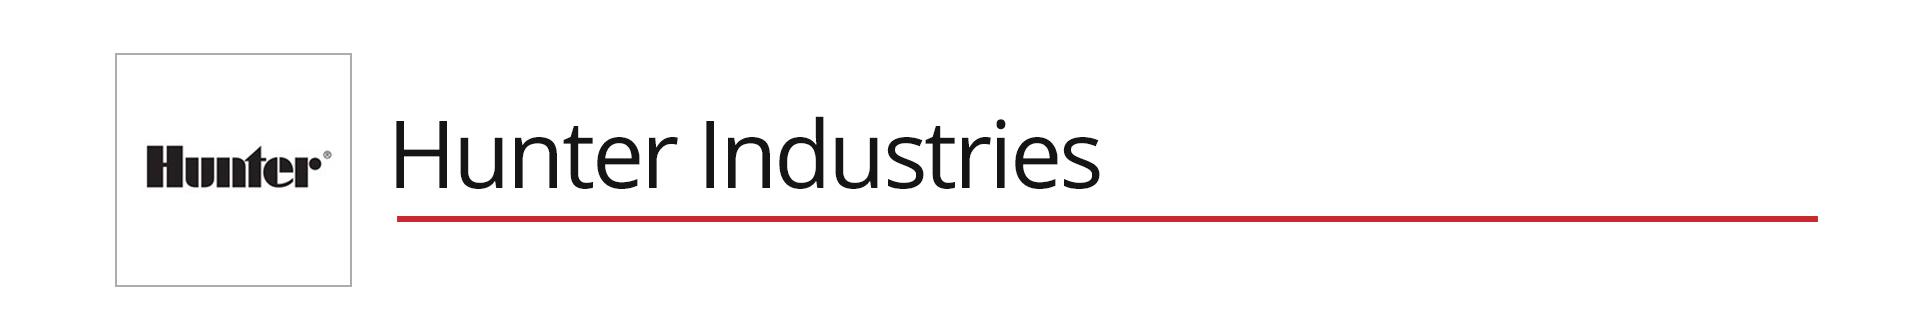 Hunter-Industries_CADBlock-Header.jpg